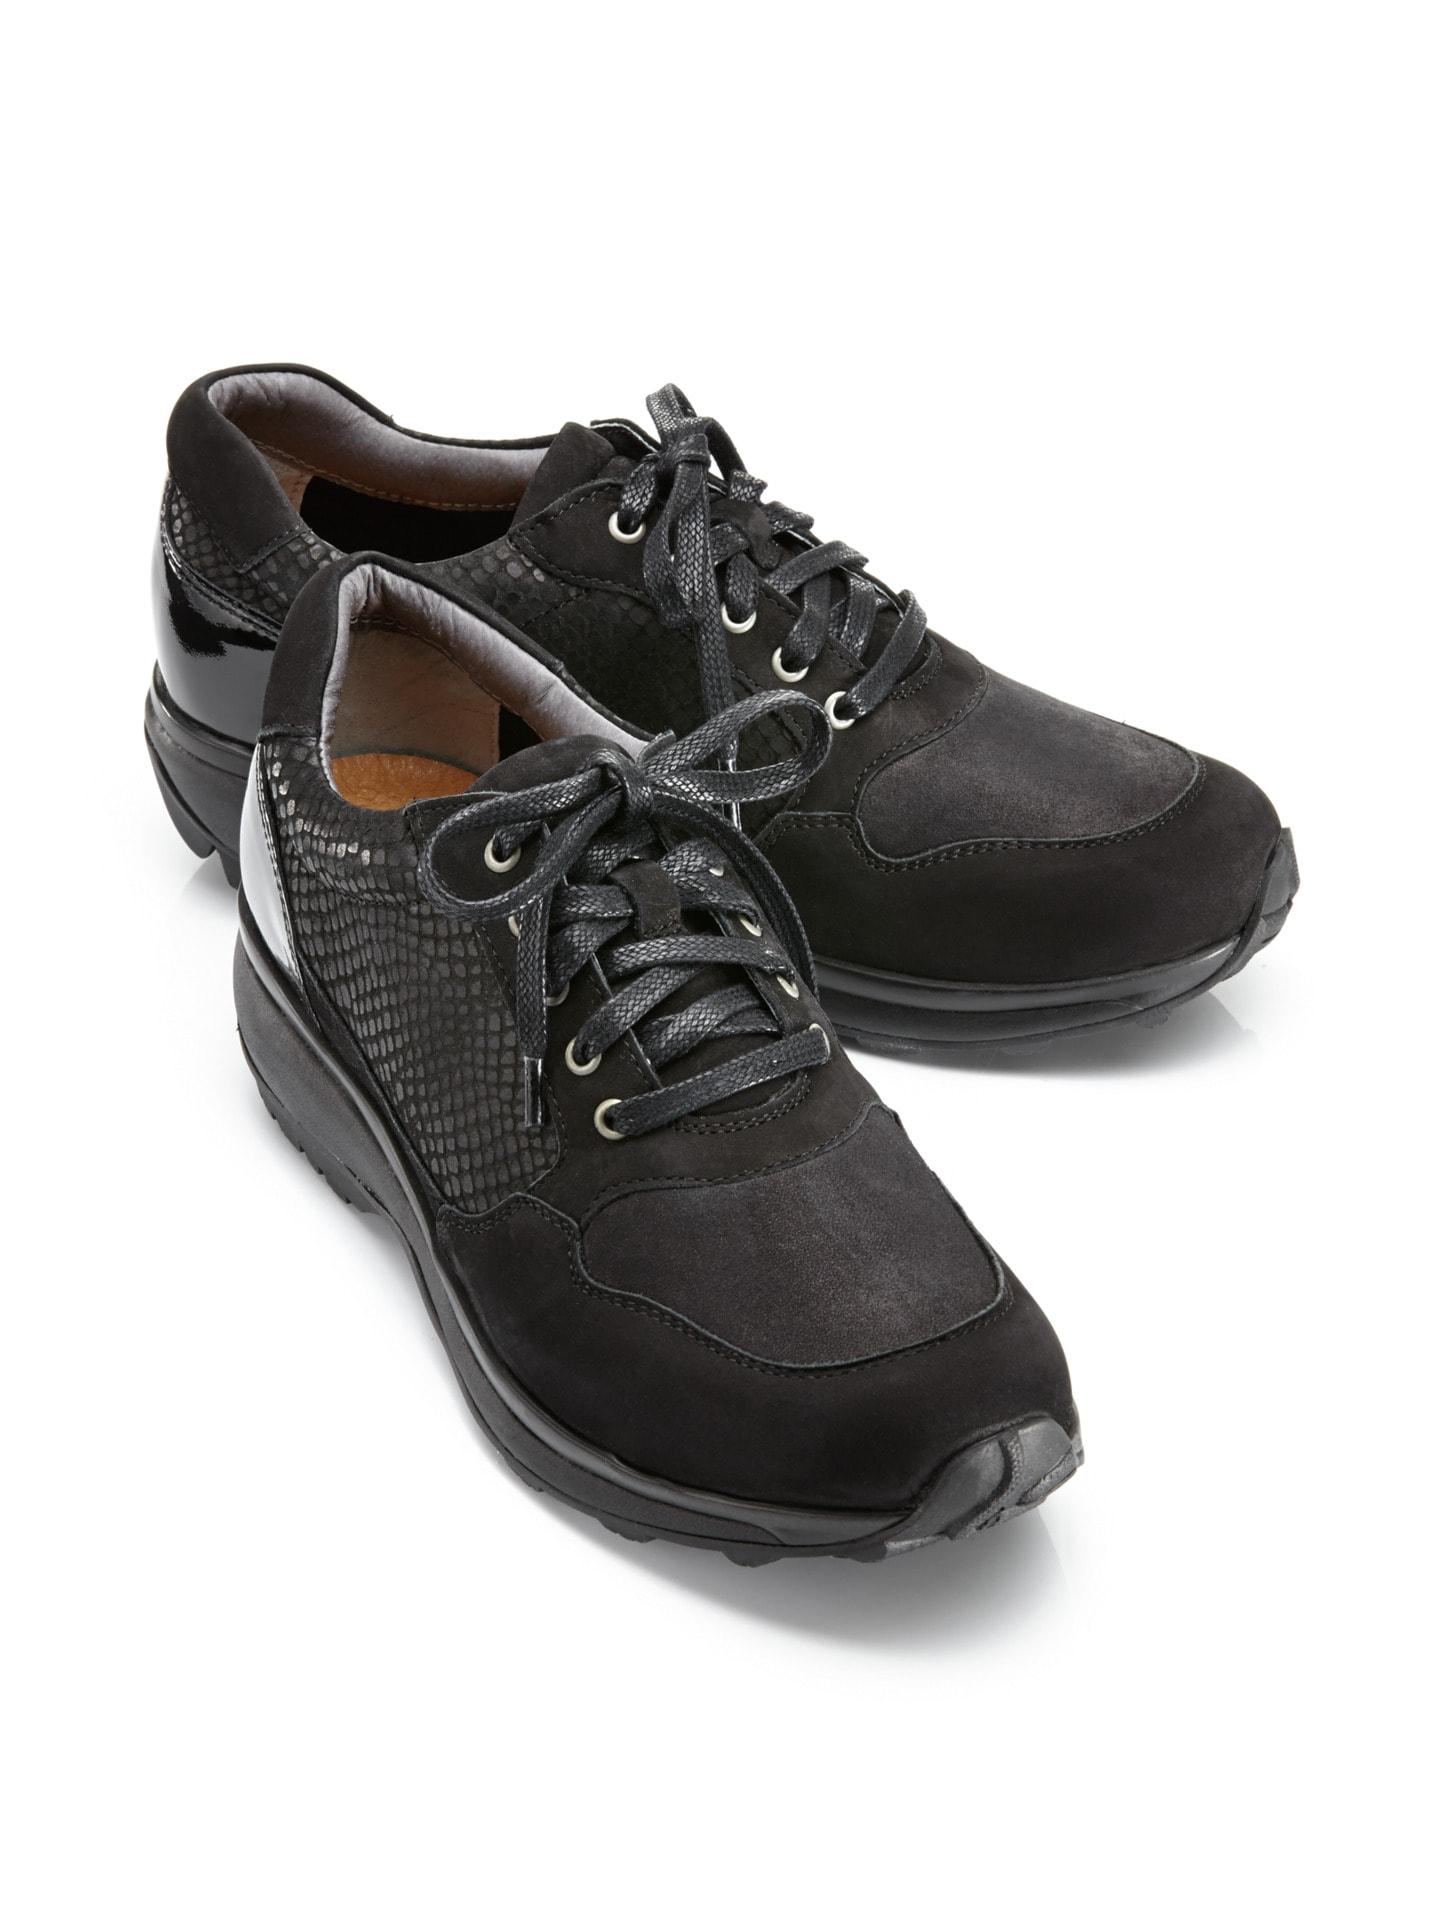 Damen Balance-Sneaker Rückenfit Schwarz Gr. 40